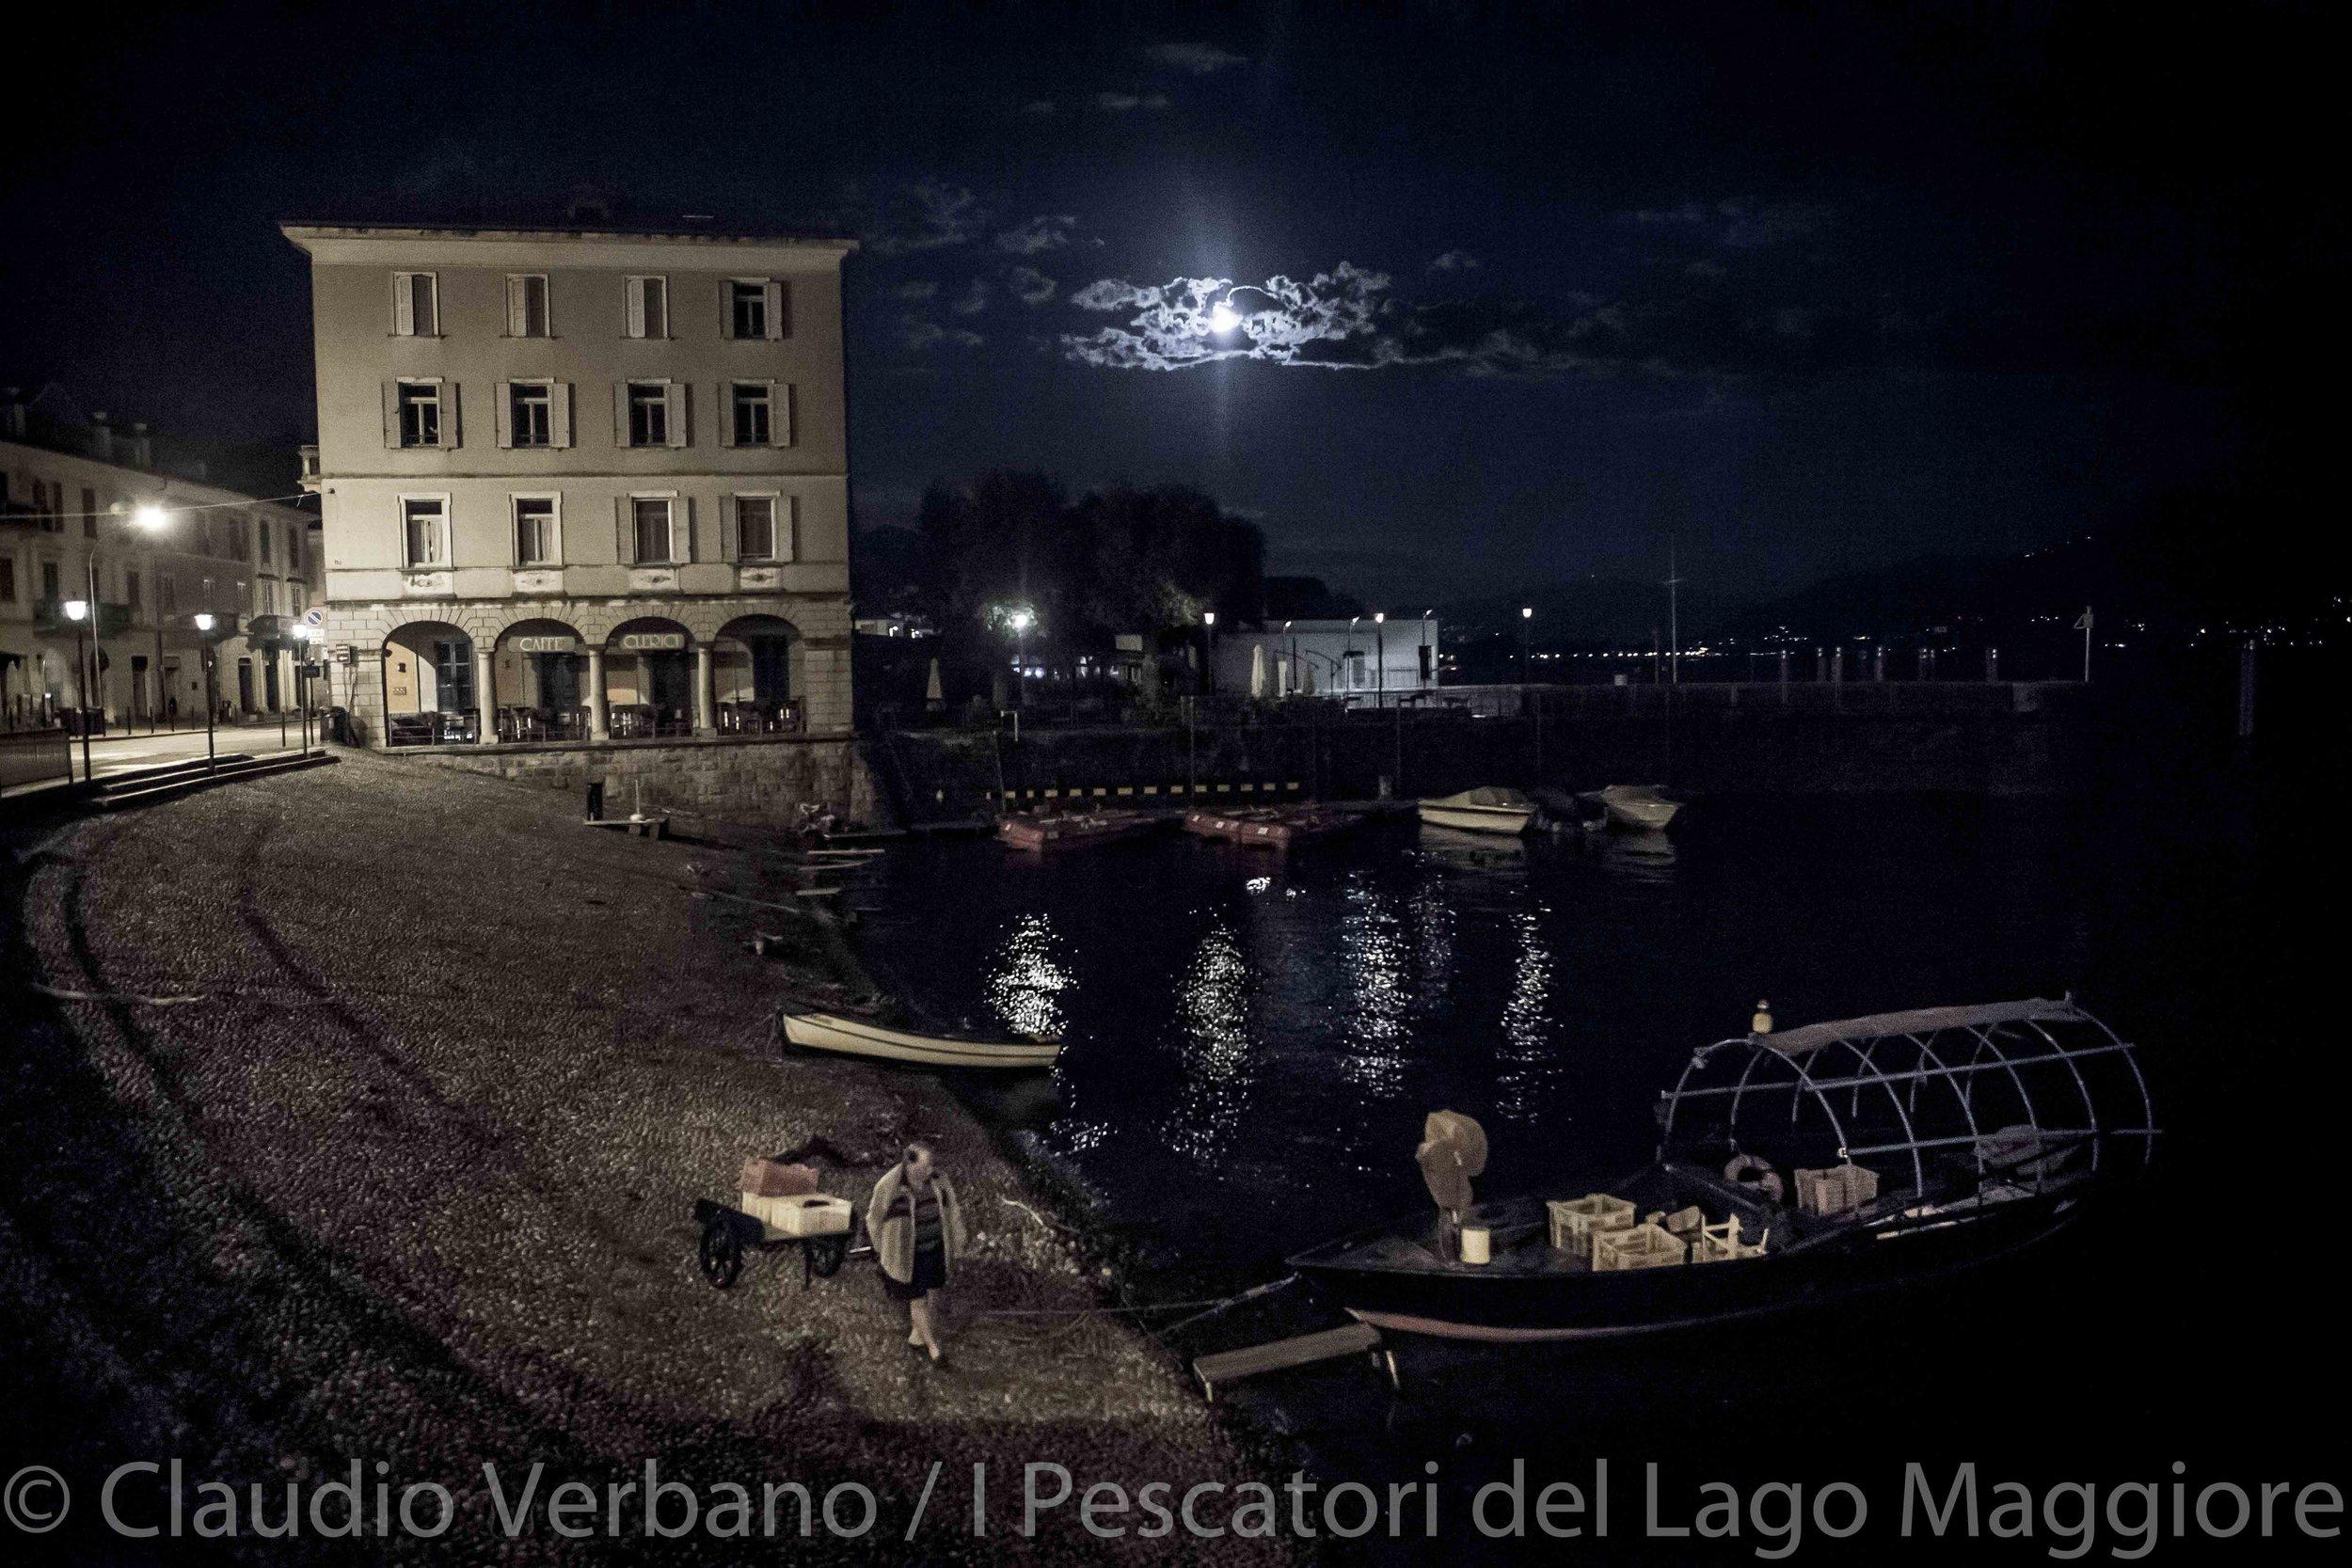 ClaudioVerbano_I Pescatori del Lago Maggiore_28.jpg